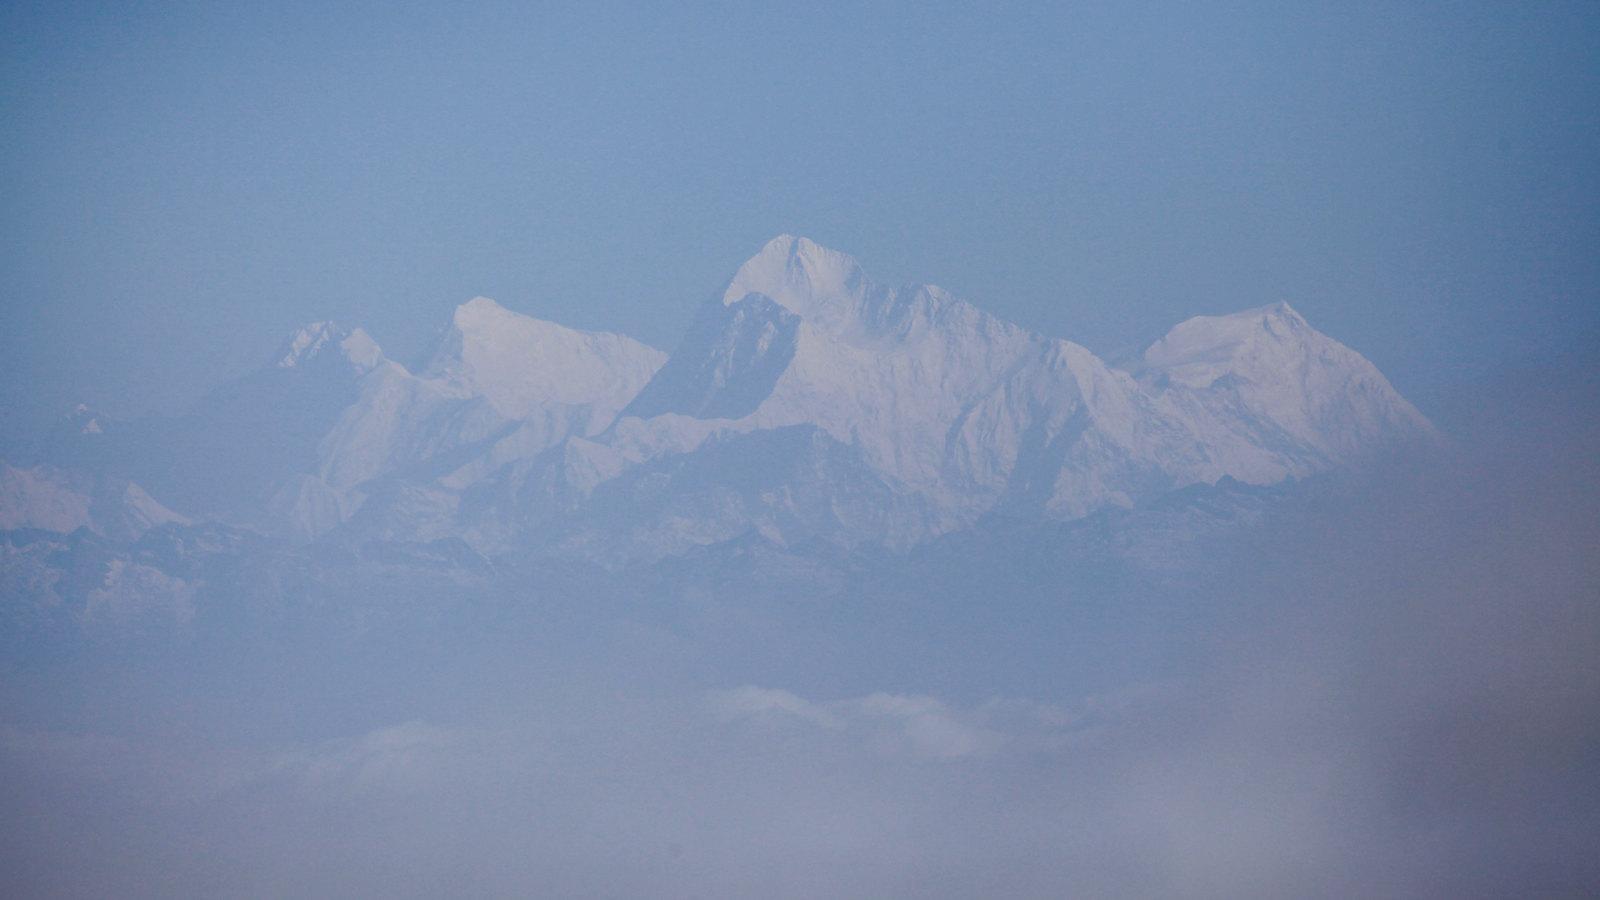 Everest from Sandakphu